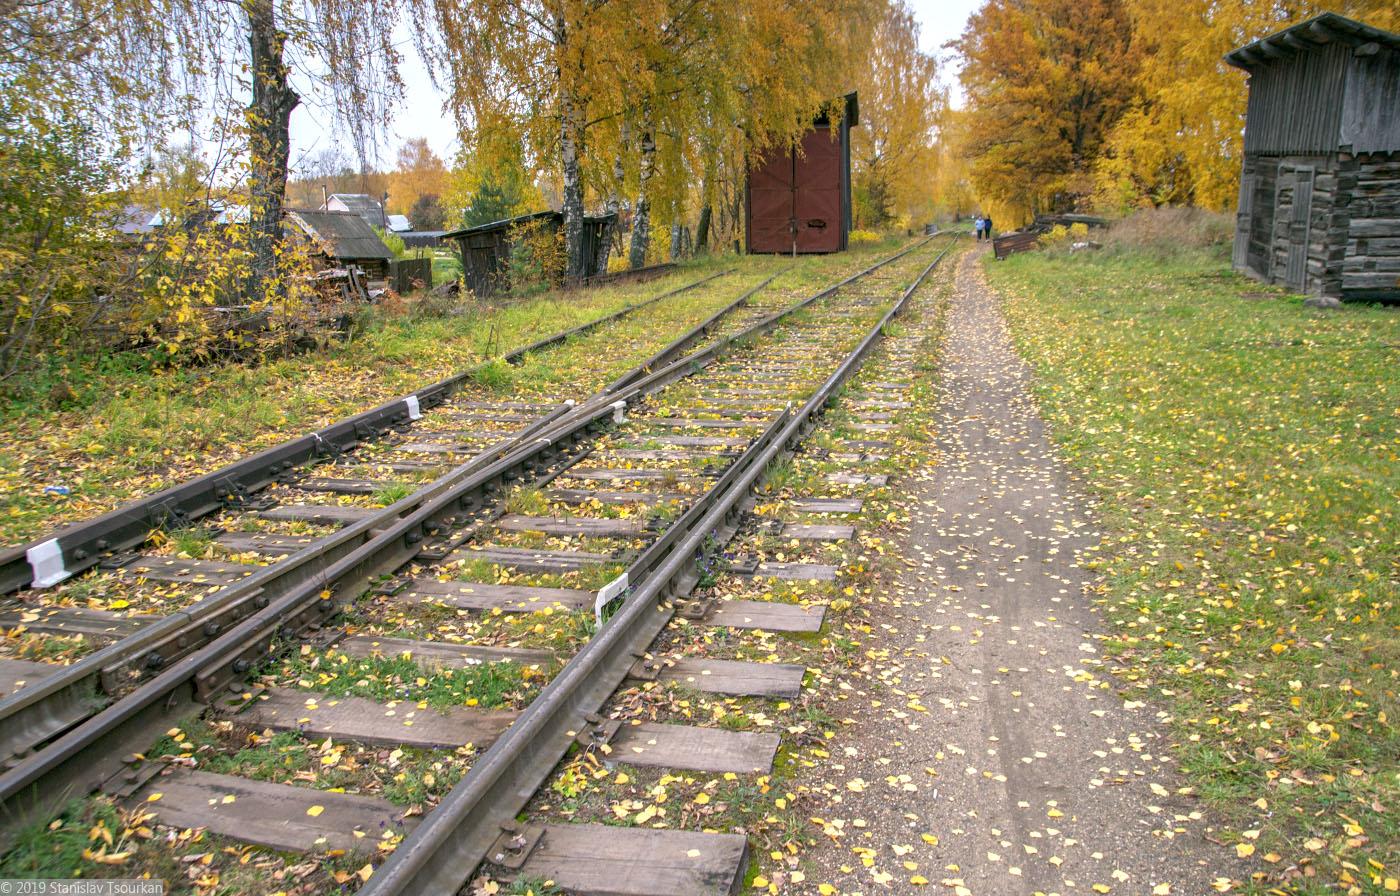 Весьегонск, Тверская область, ж/д, железная дорога, станция Весьегонск, гараж